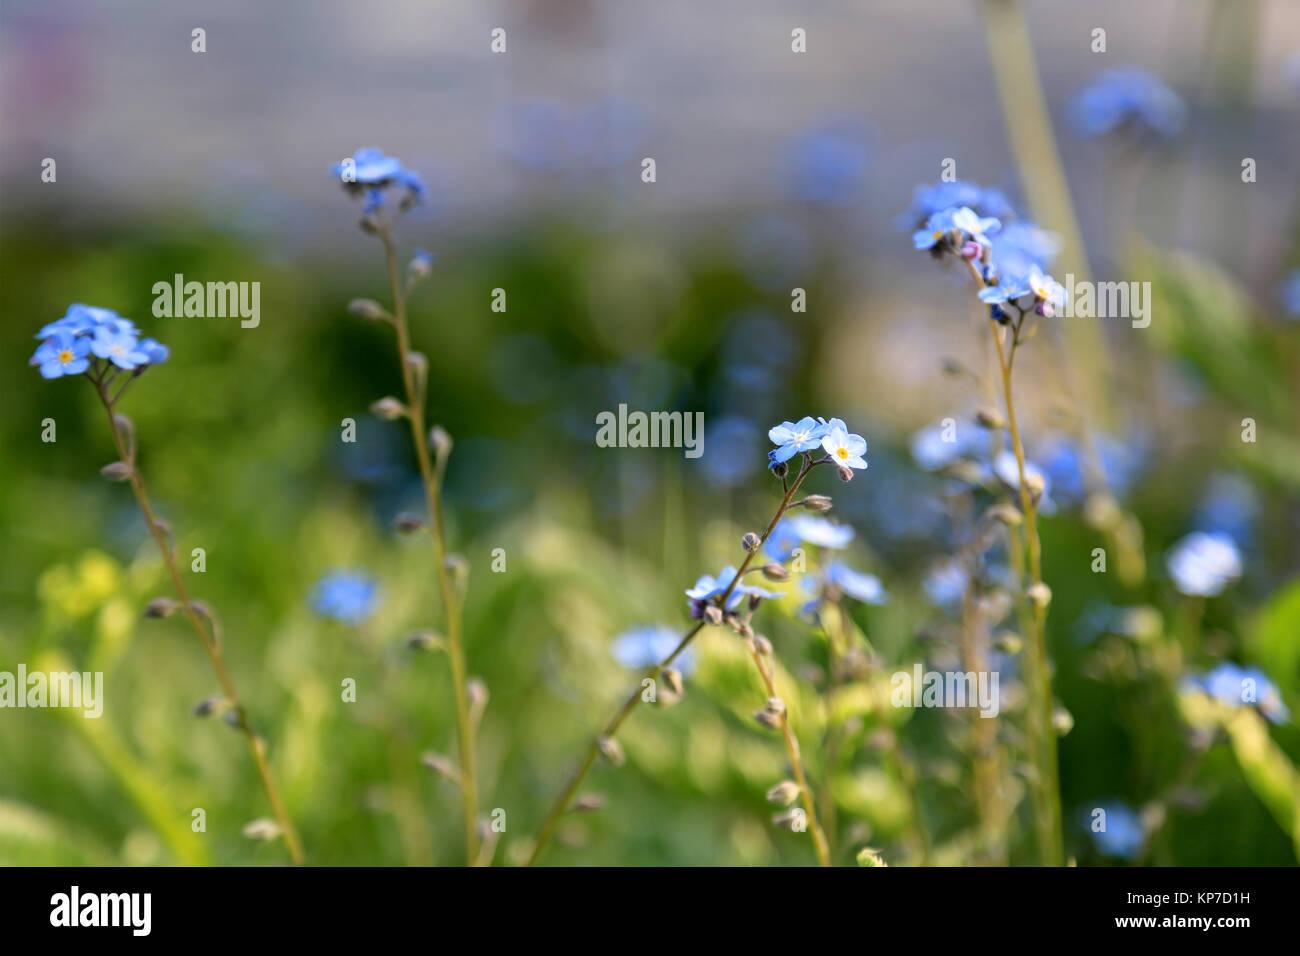 Les petites fleurs bleues de myosotis (Myosotis), profondeur de champ et l'arrière-plan flou, convient Photo Stock